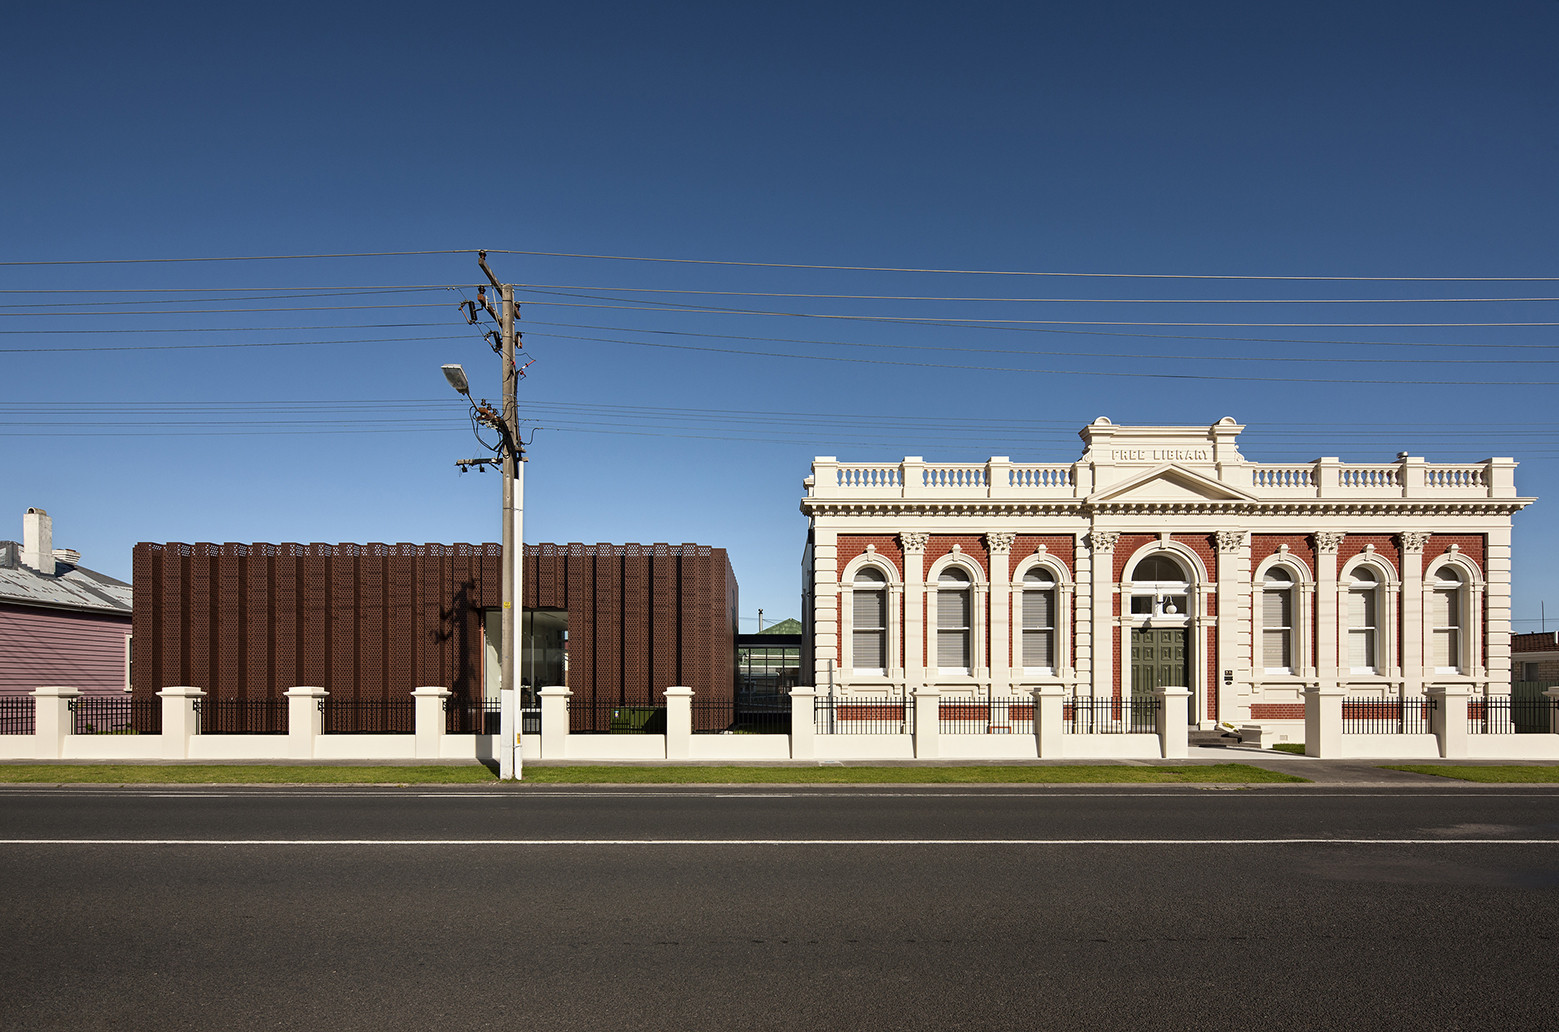 The Treasury Research Centre & Archive / Architectus, © Simon Devitt